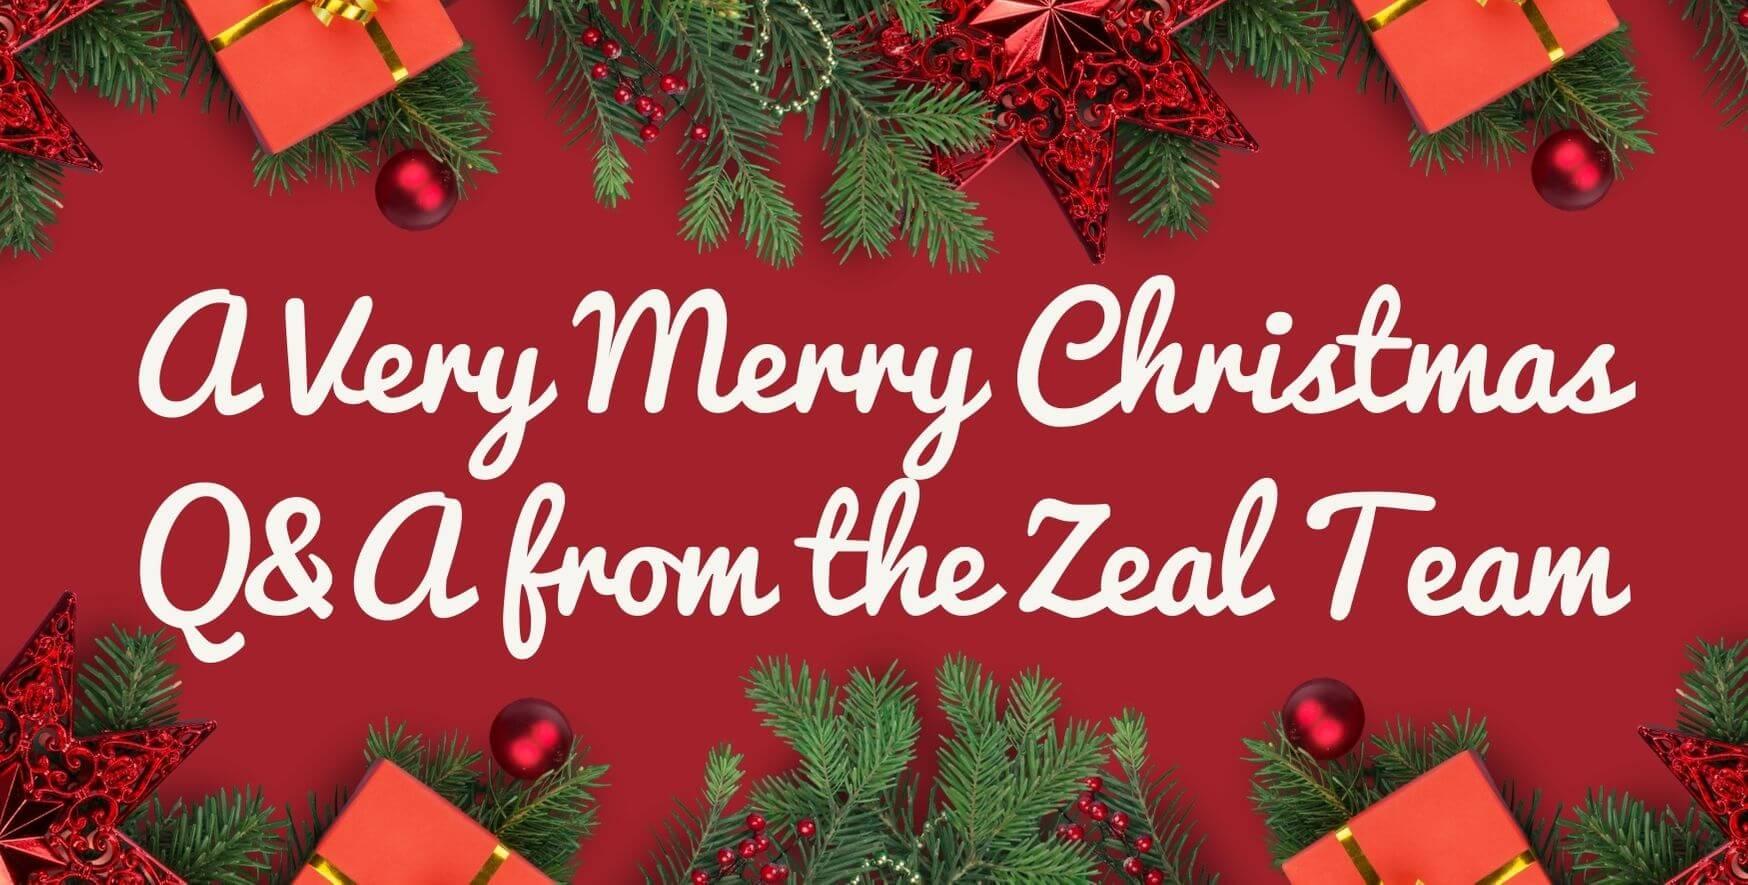 Red Christmas Decor Christmas Thank You Card (1)